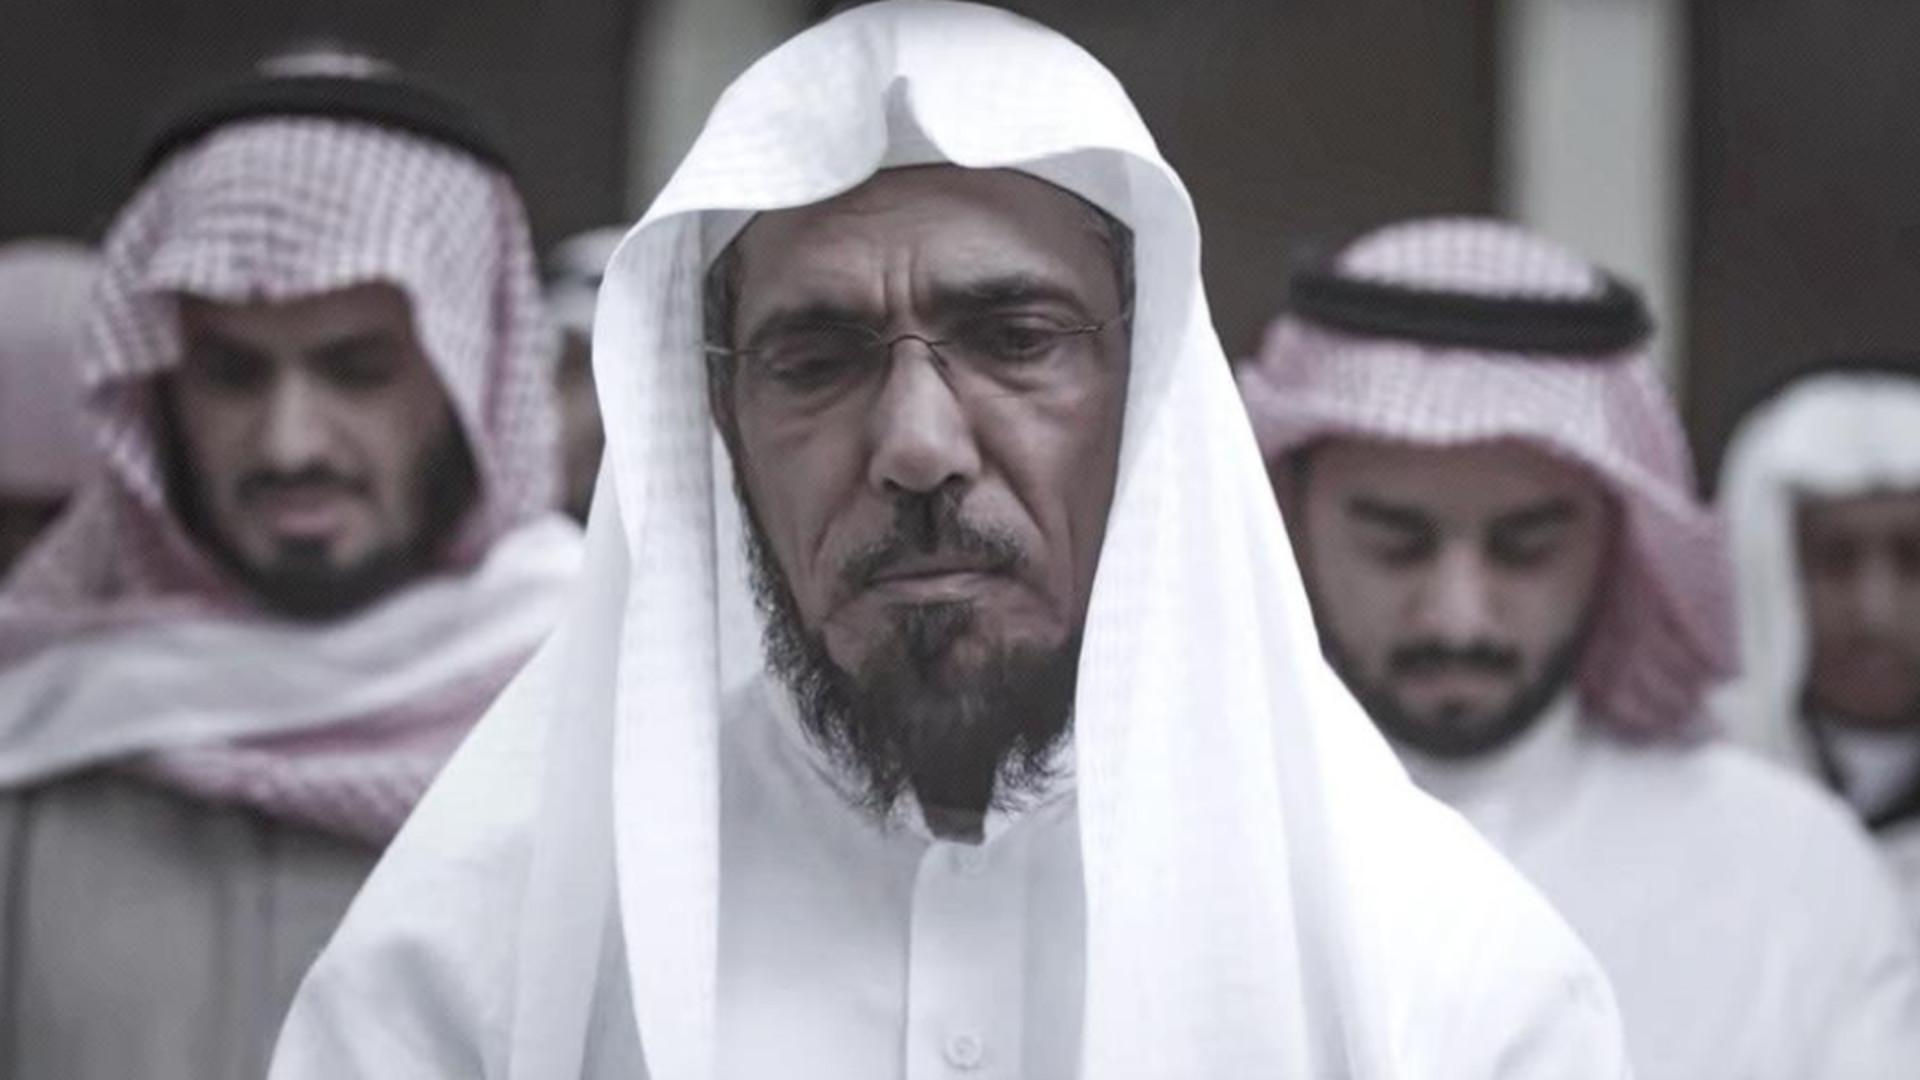 السعودية تحويل معتقلي سبتمبر للعزل وانقطاع التواصل مع العودة